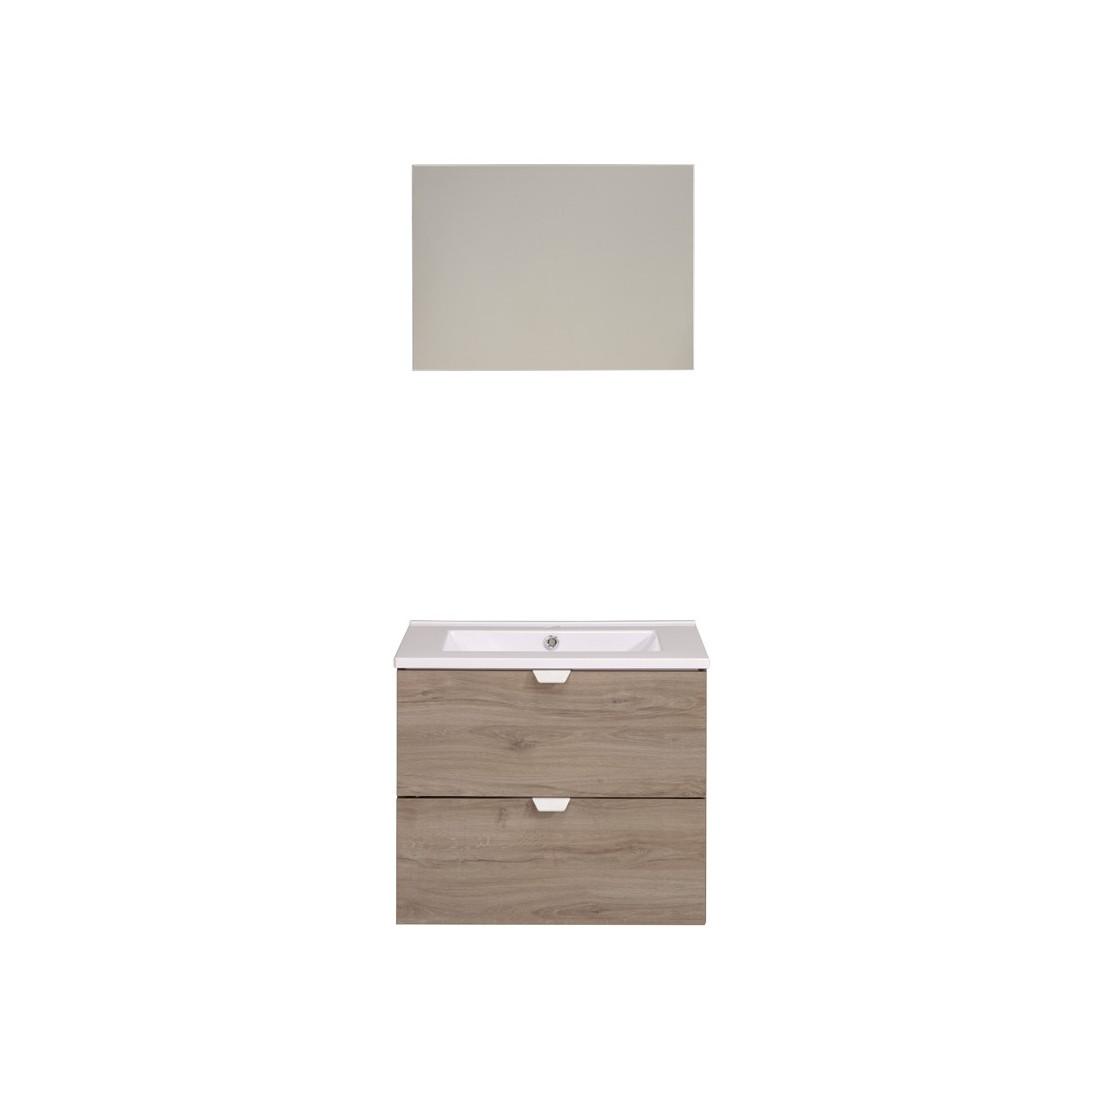 Ensemble complet meubles salle de bain uriel n 3 salle for Ensemble accessoires salle de bain wc